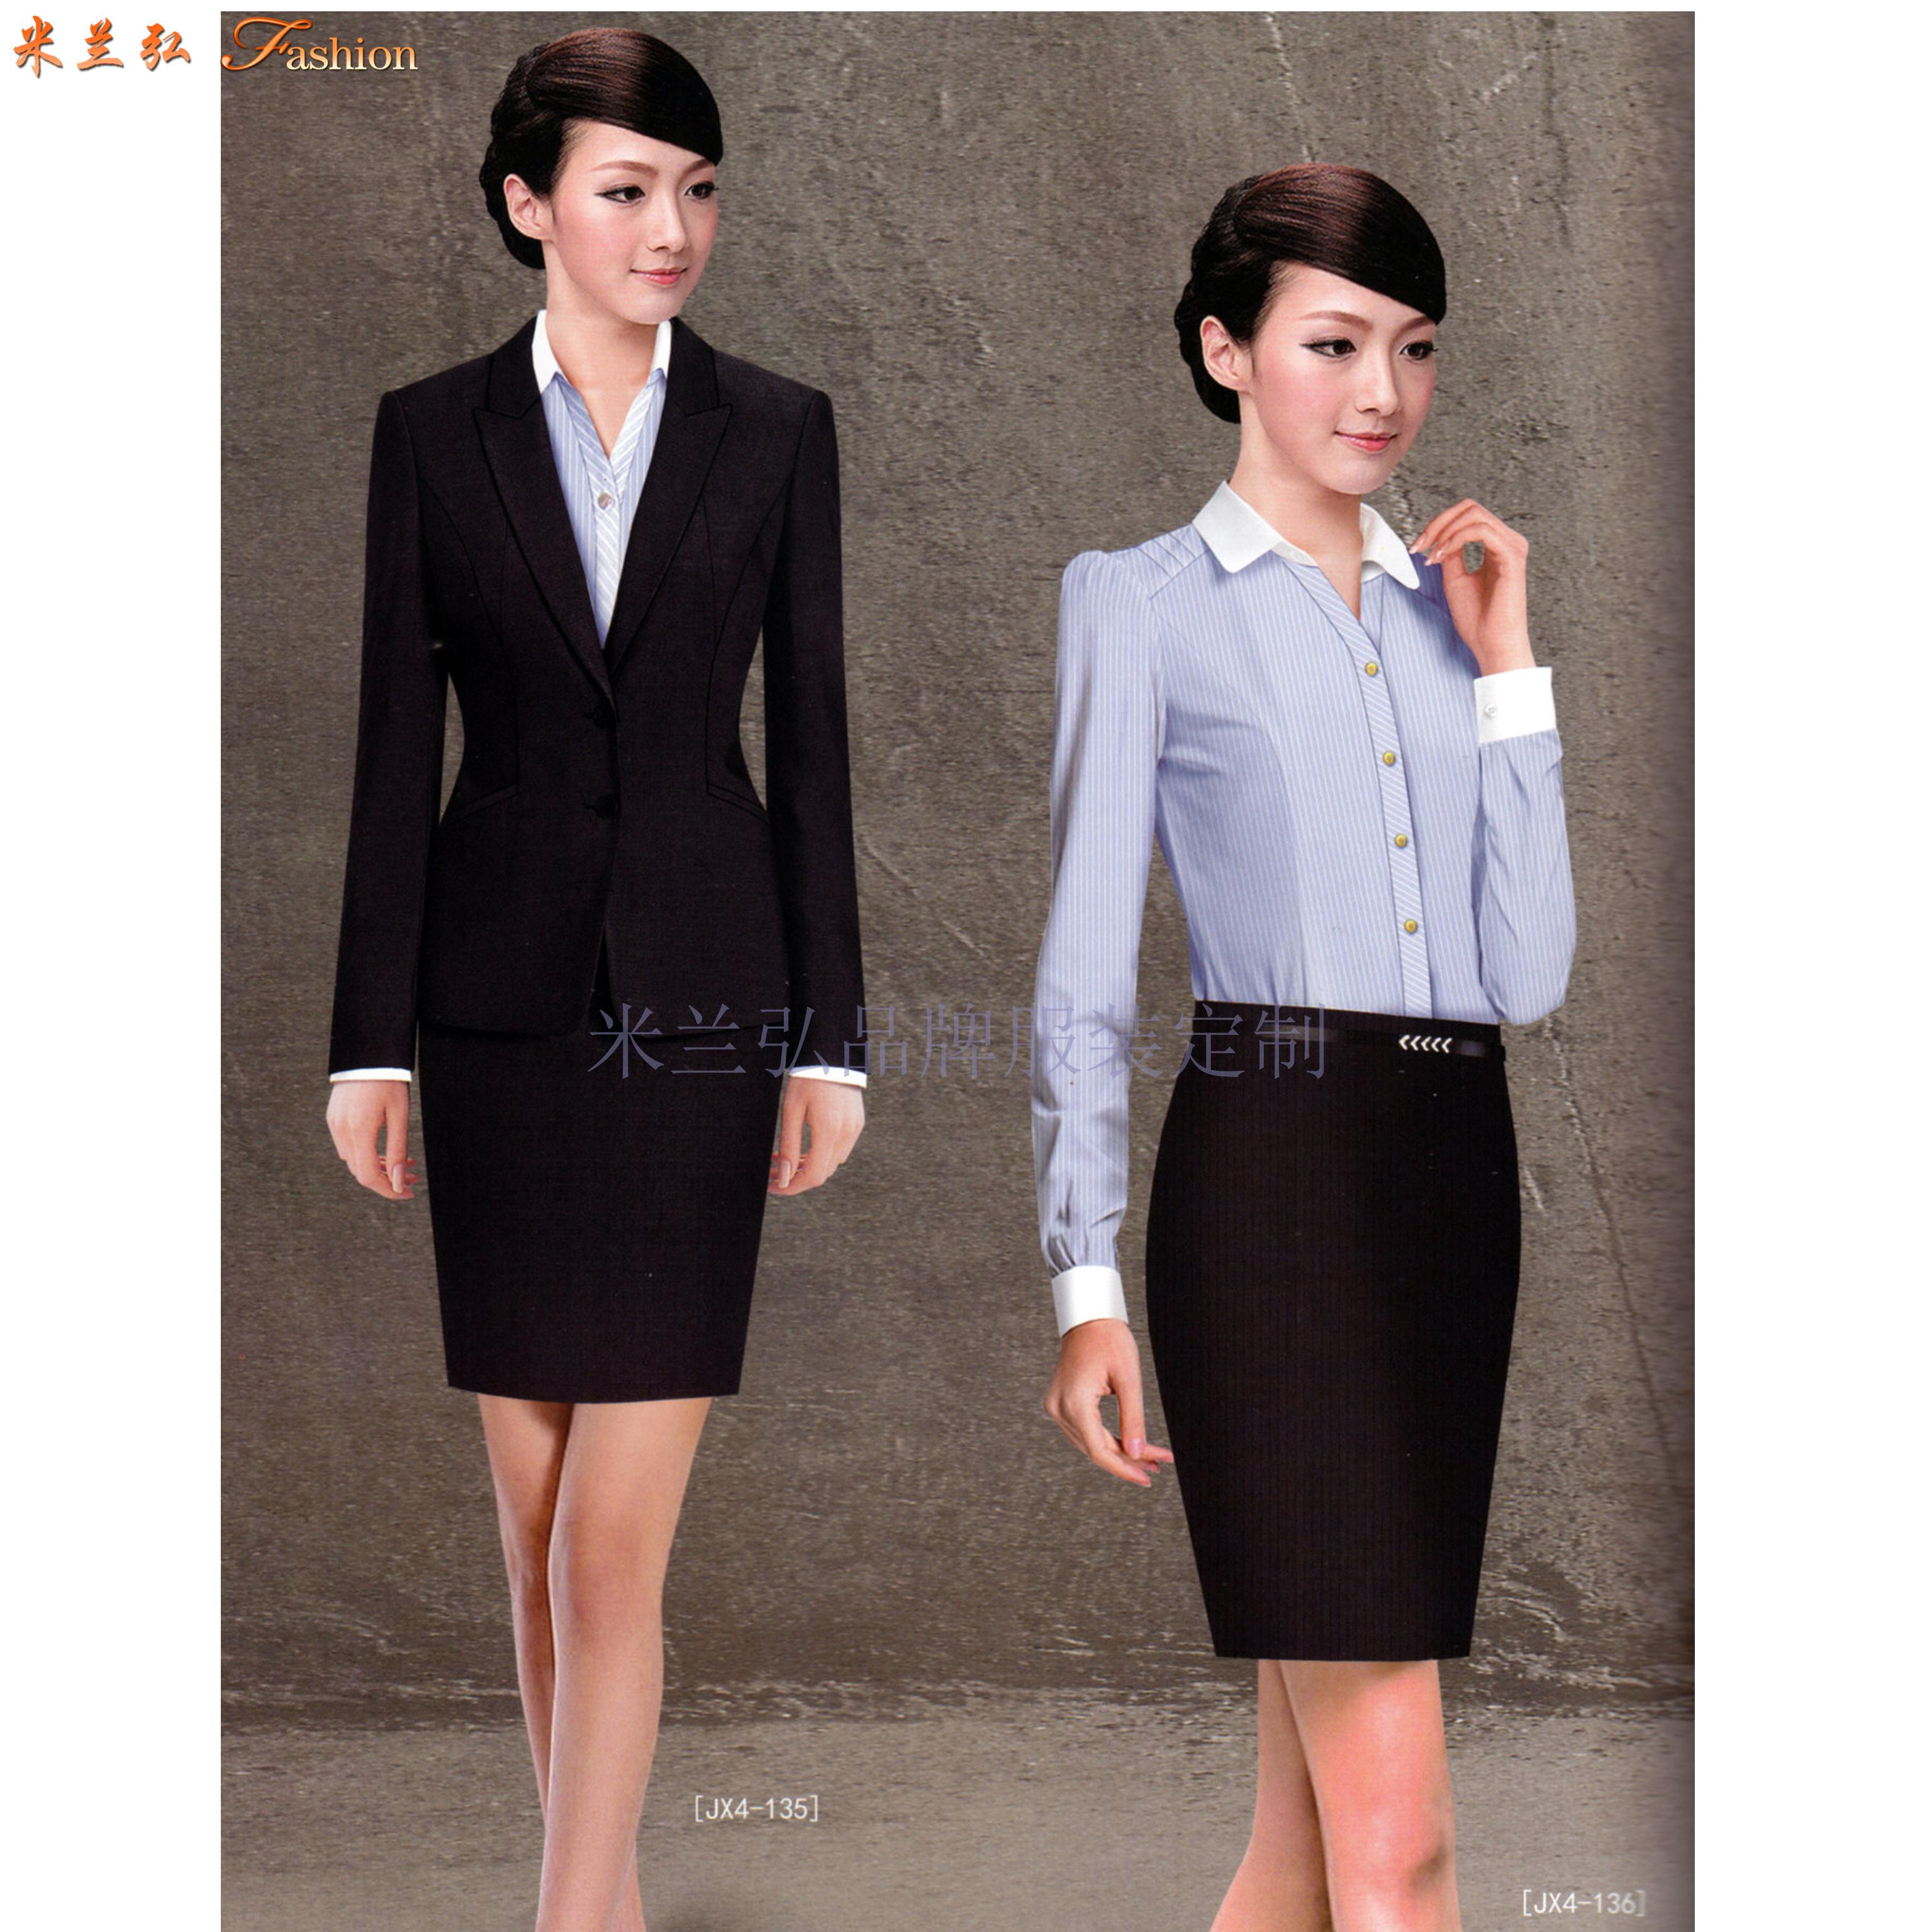 西服定做就選米蘭弘服裝訂制-符合于您氣質的西裝定制品牌-6